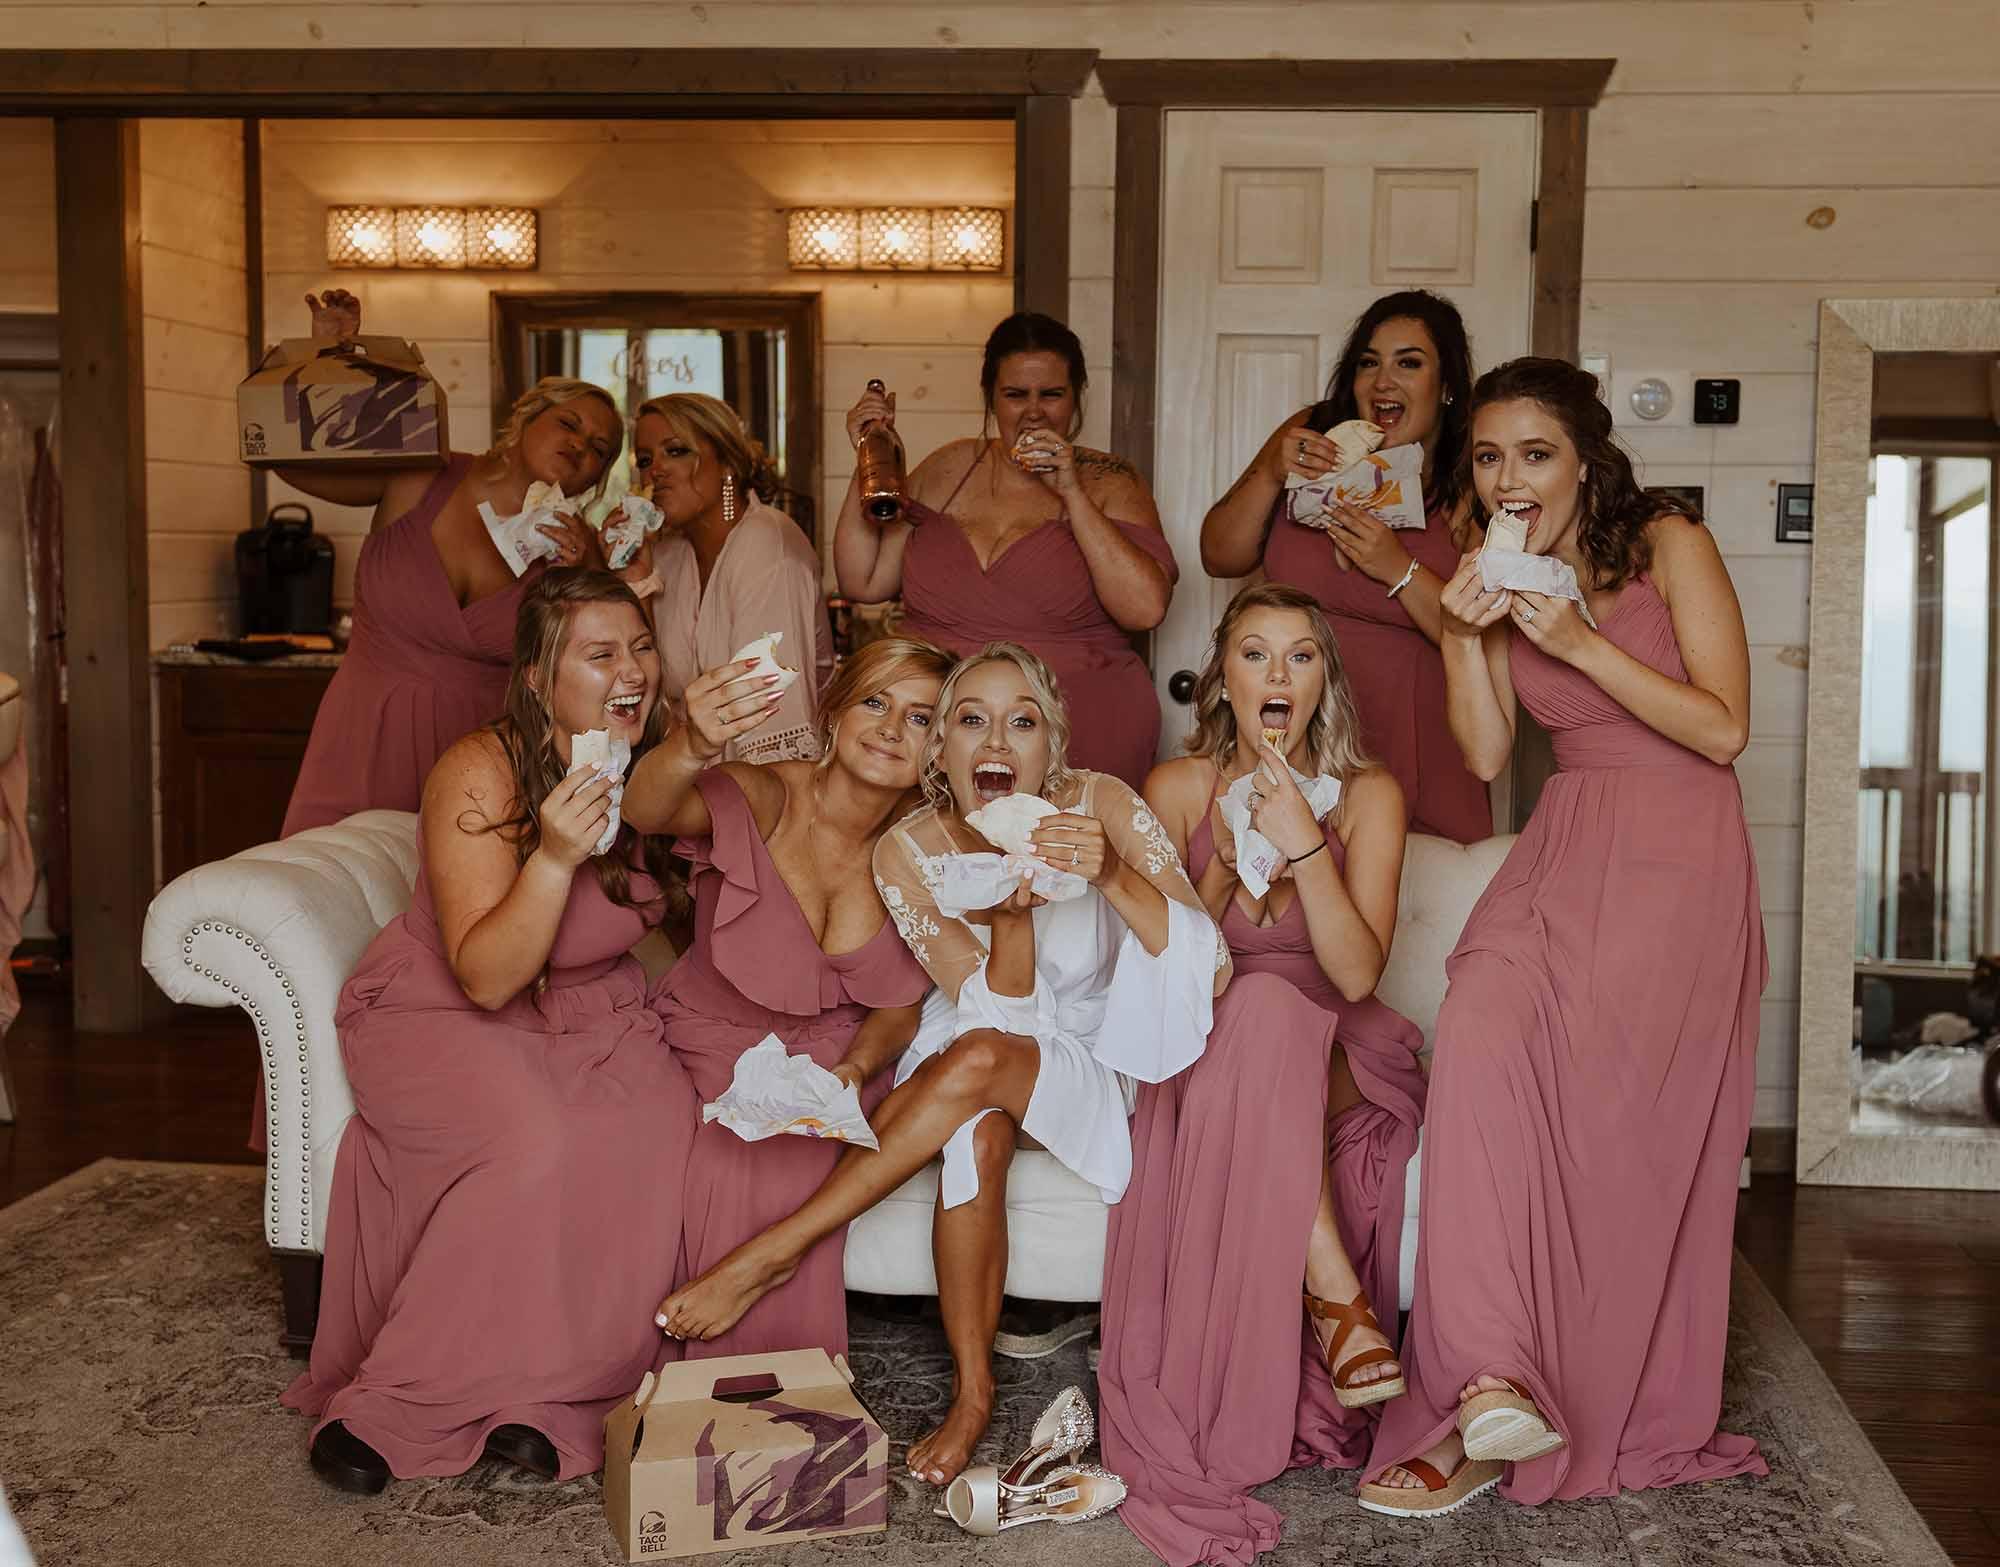 Fun bridesmaid photos with tacos